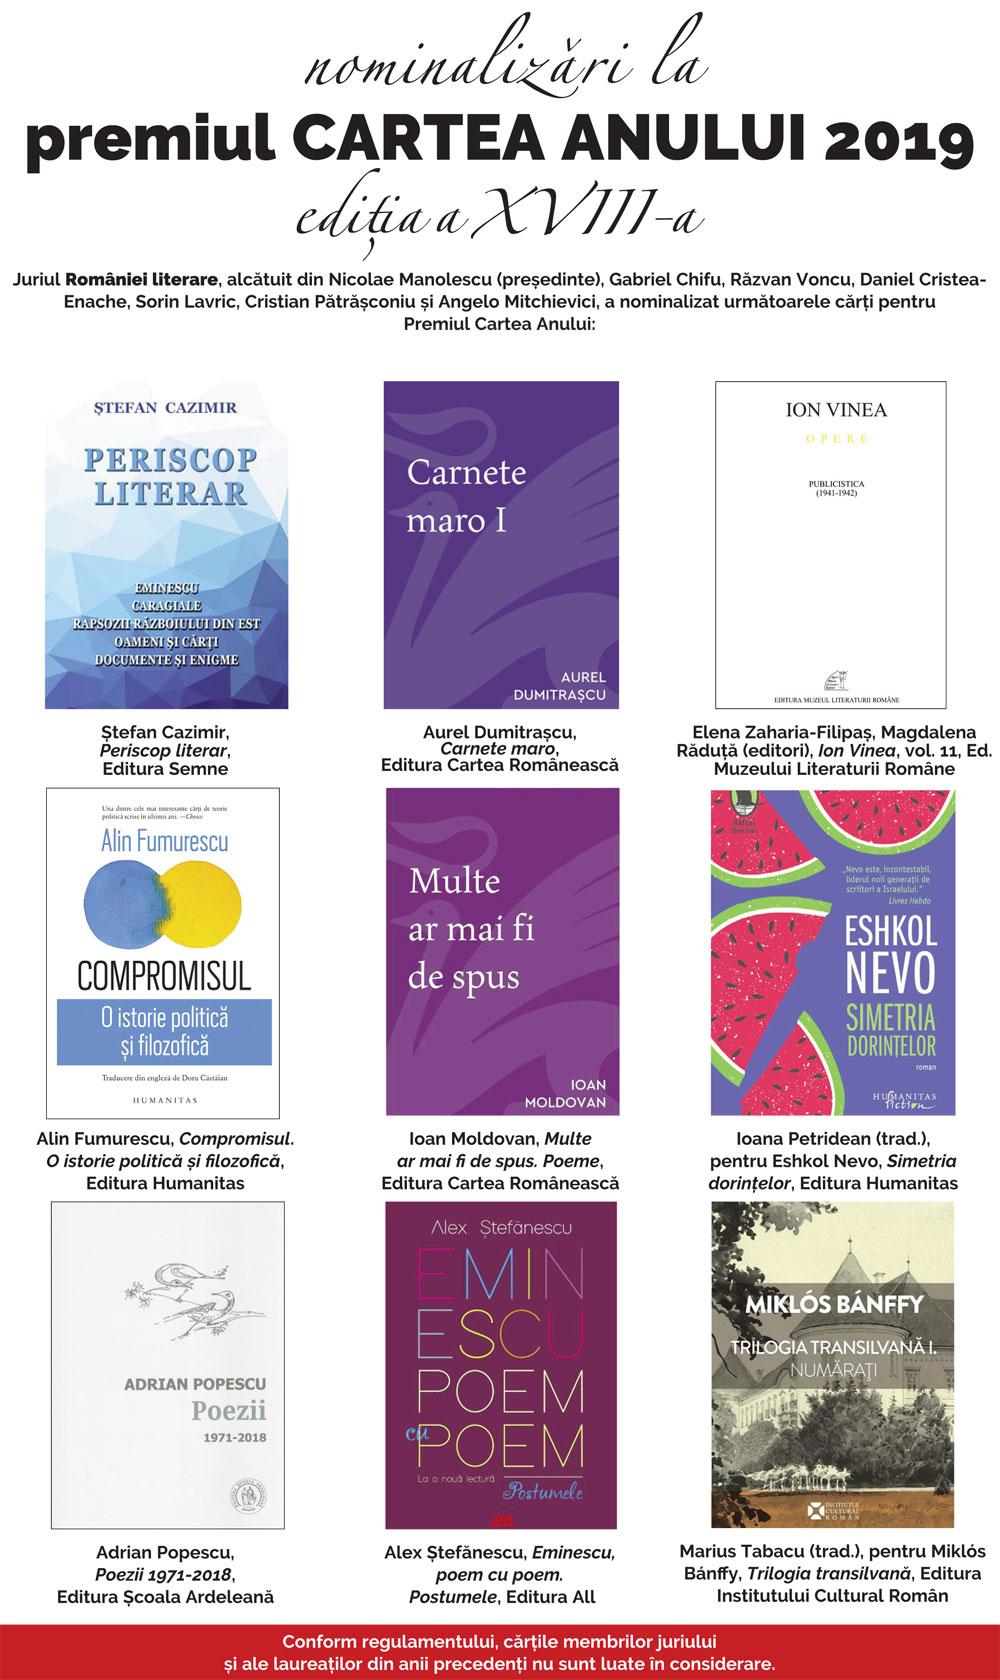 Nominalizările la premiul Cartea Anului 2019 ediția XVIII-a